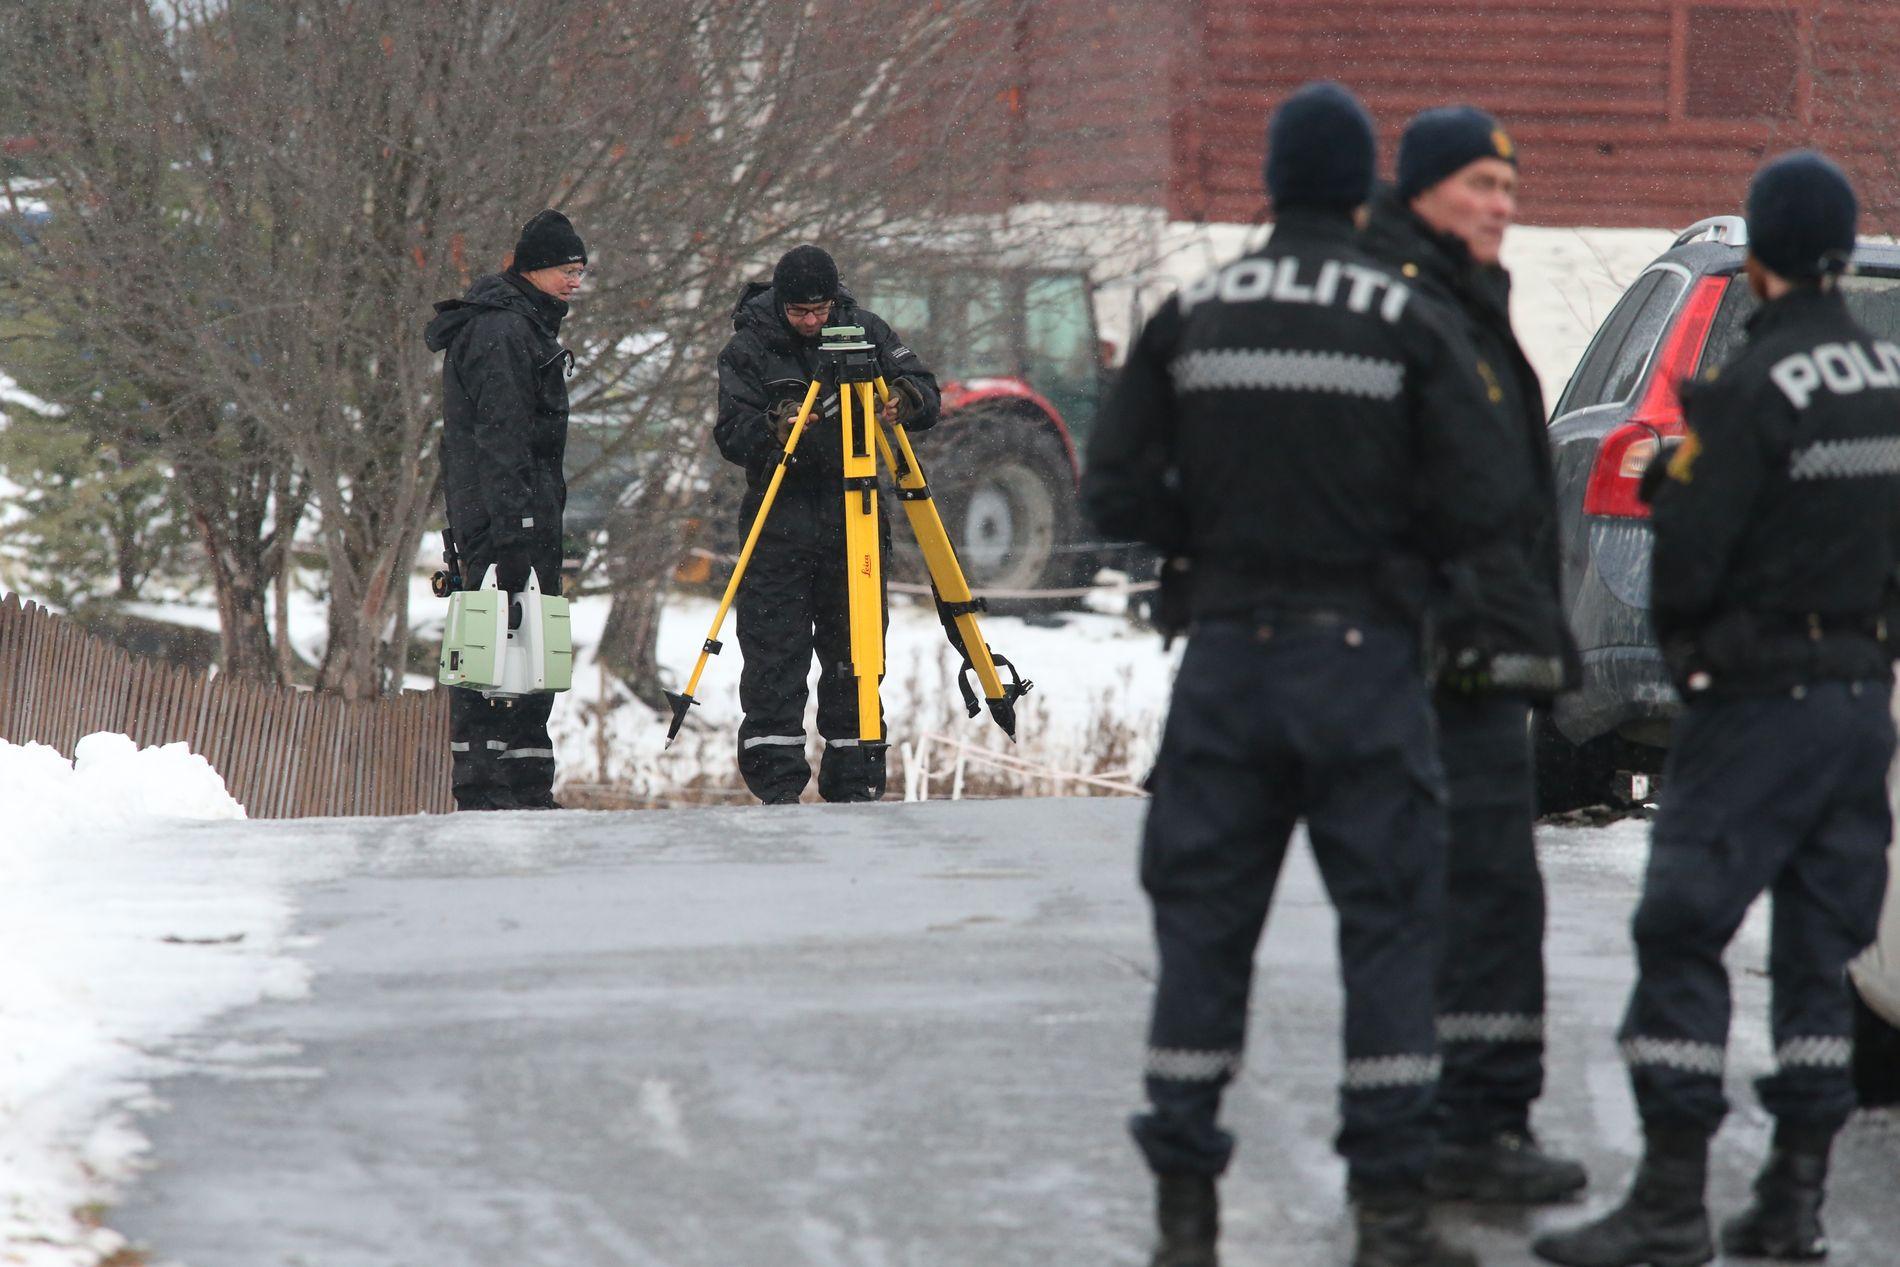 DREPT: 31. oktober i fjor ble Laura Iris Haugen (16) drept i nærheten av sitt hjem på Vinstra. En 17 år gammel gutt står tiltalt for drapet.